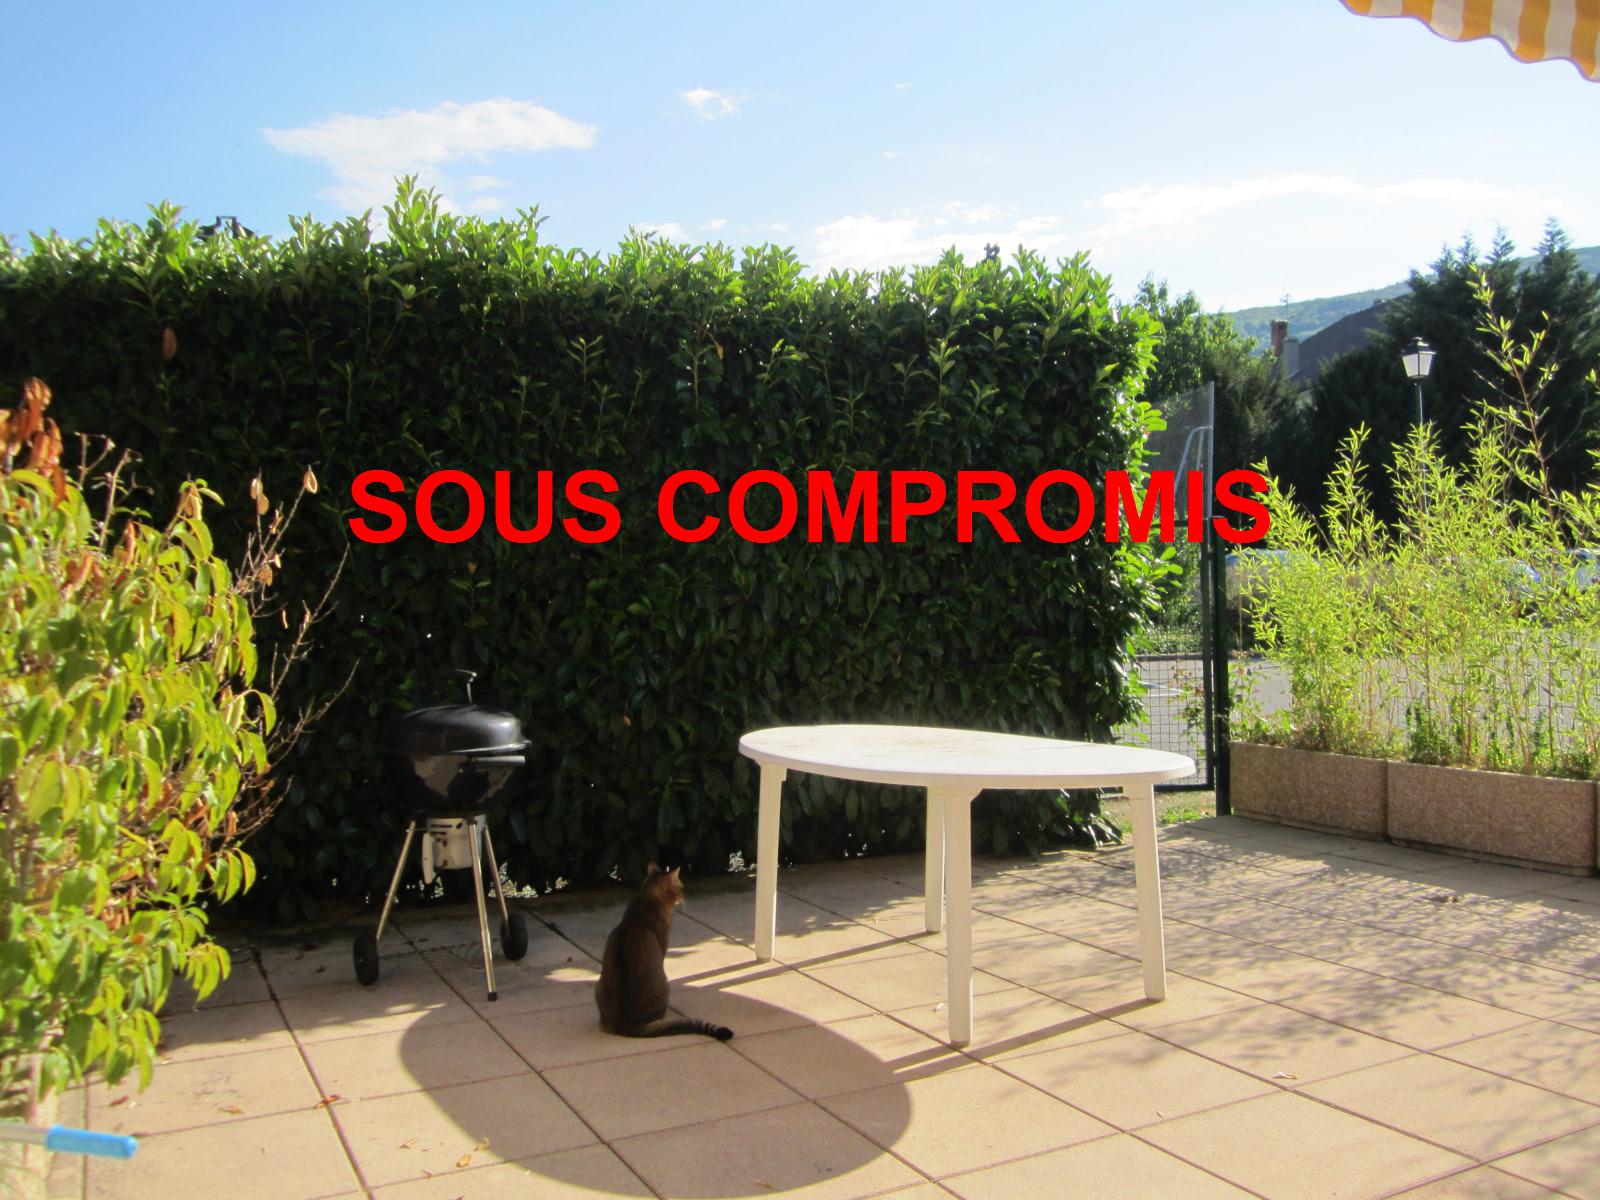 EXCLUSIVITE Vulbens Appartement T3 de 69 m² avec magnifique terrasse de 34 m²... SOUS COMPROMIS